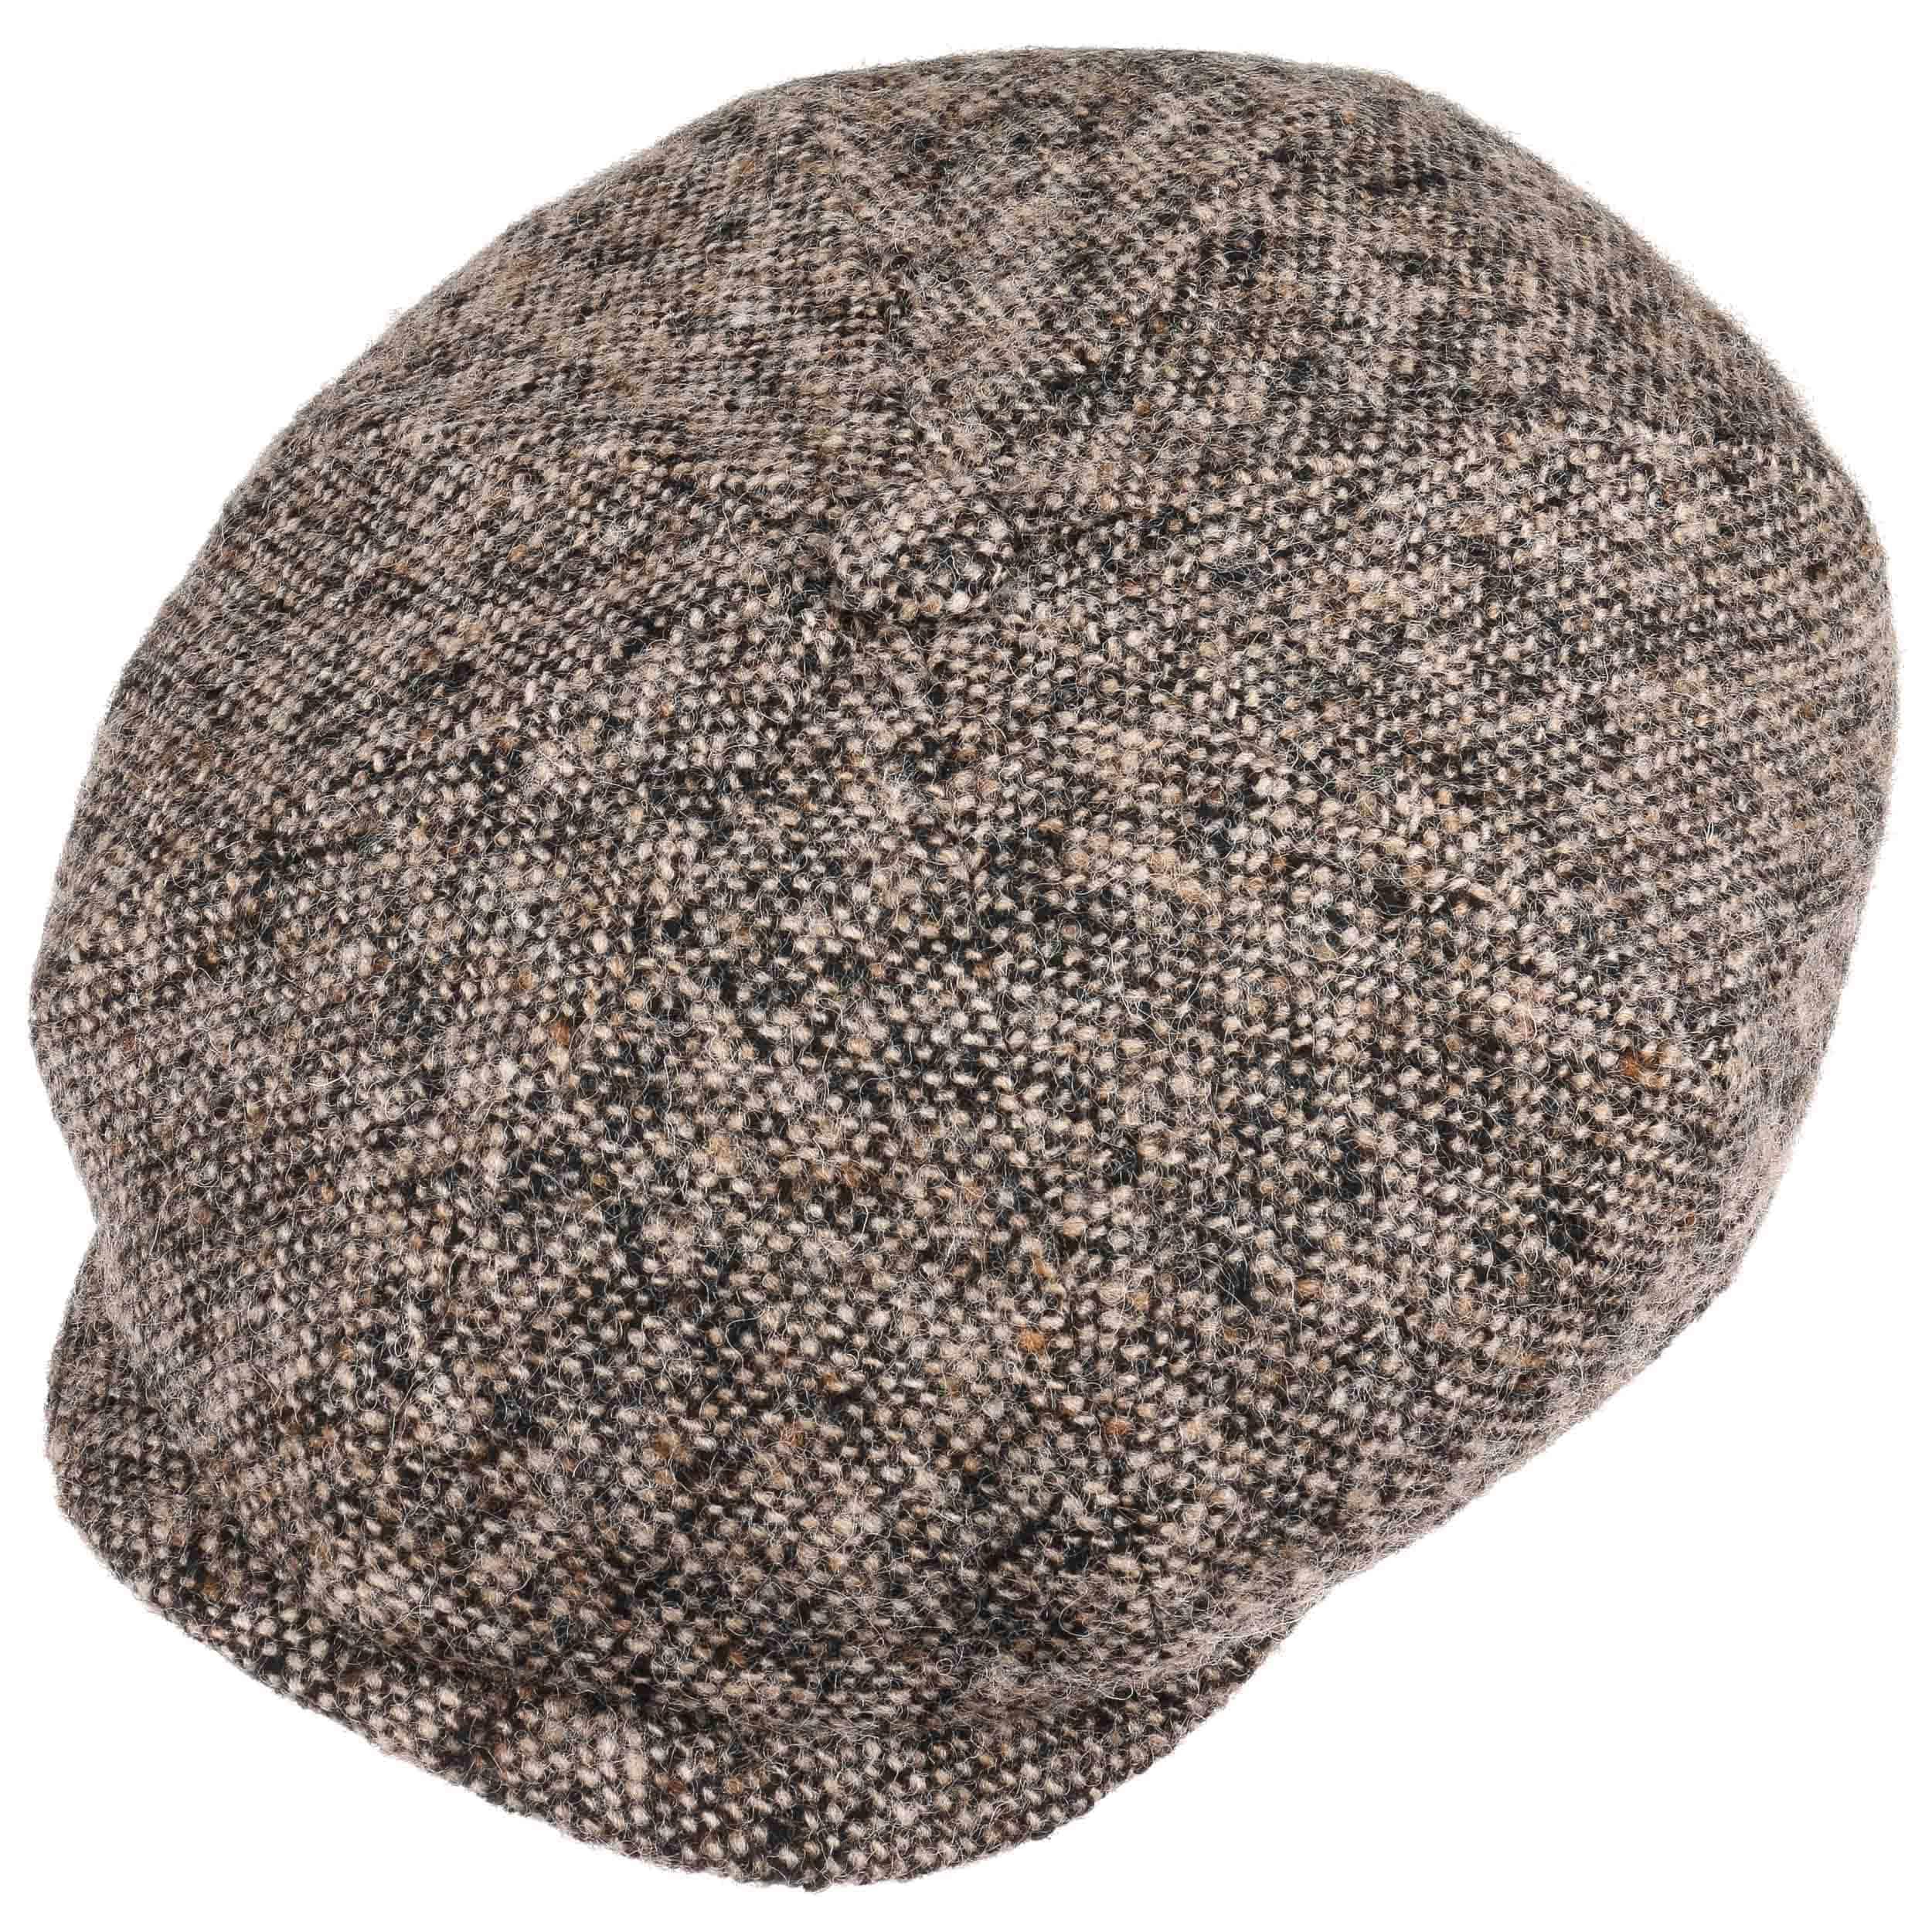 Stetson Hatteras Tweed Cap Baker Boy Wool 54 55 56 cm